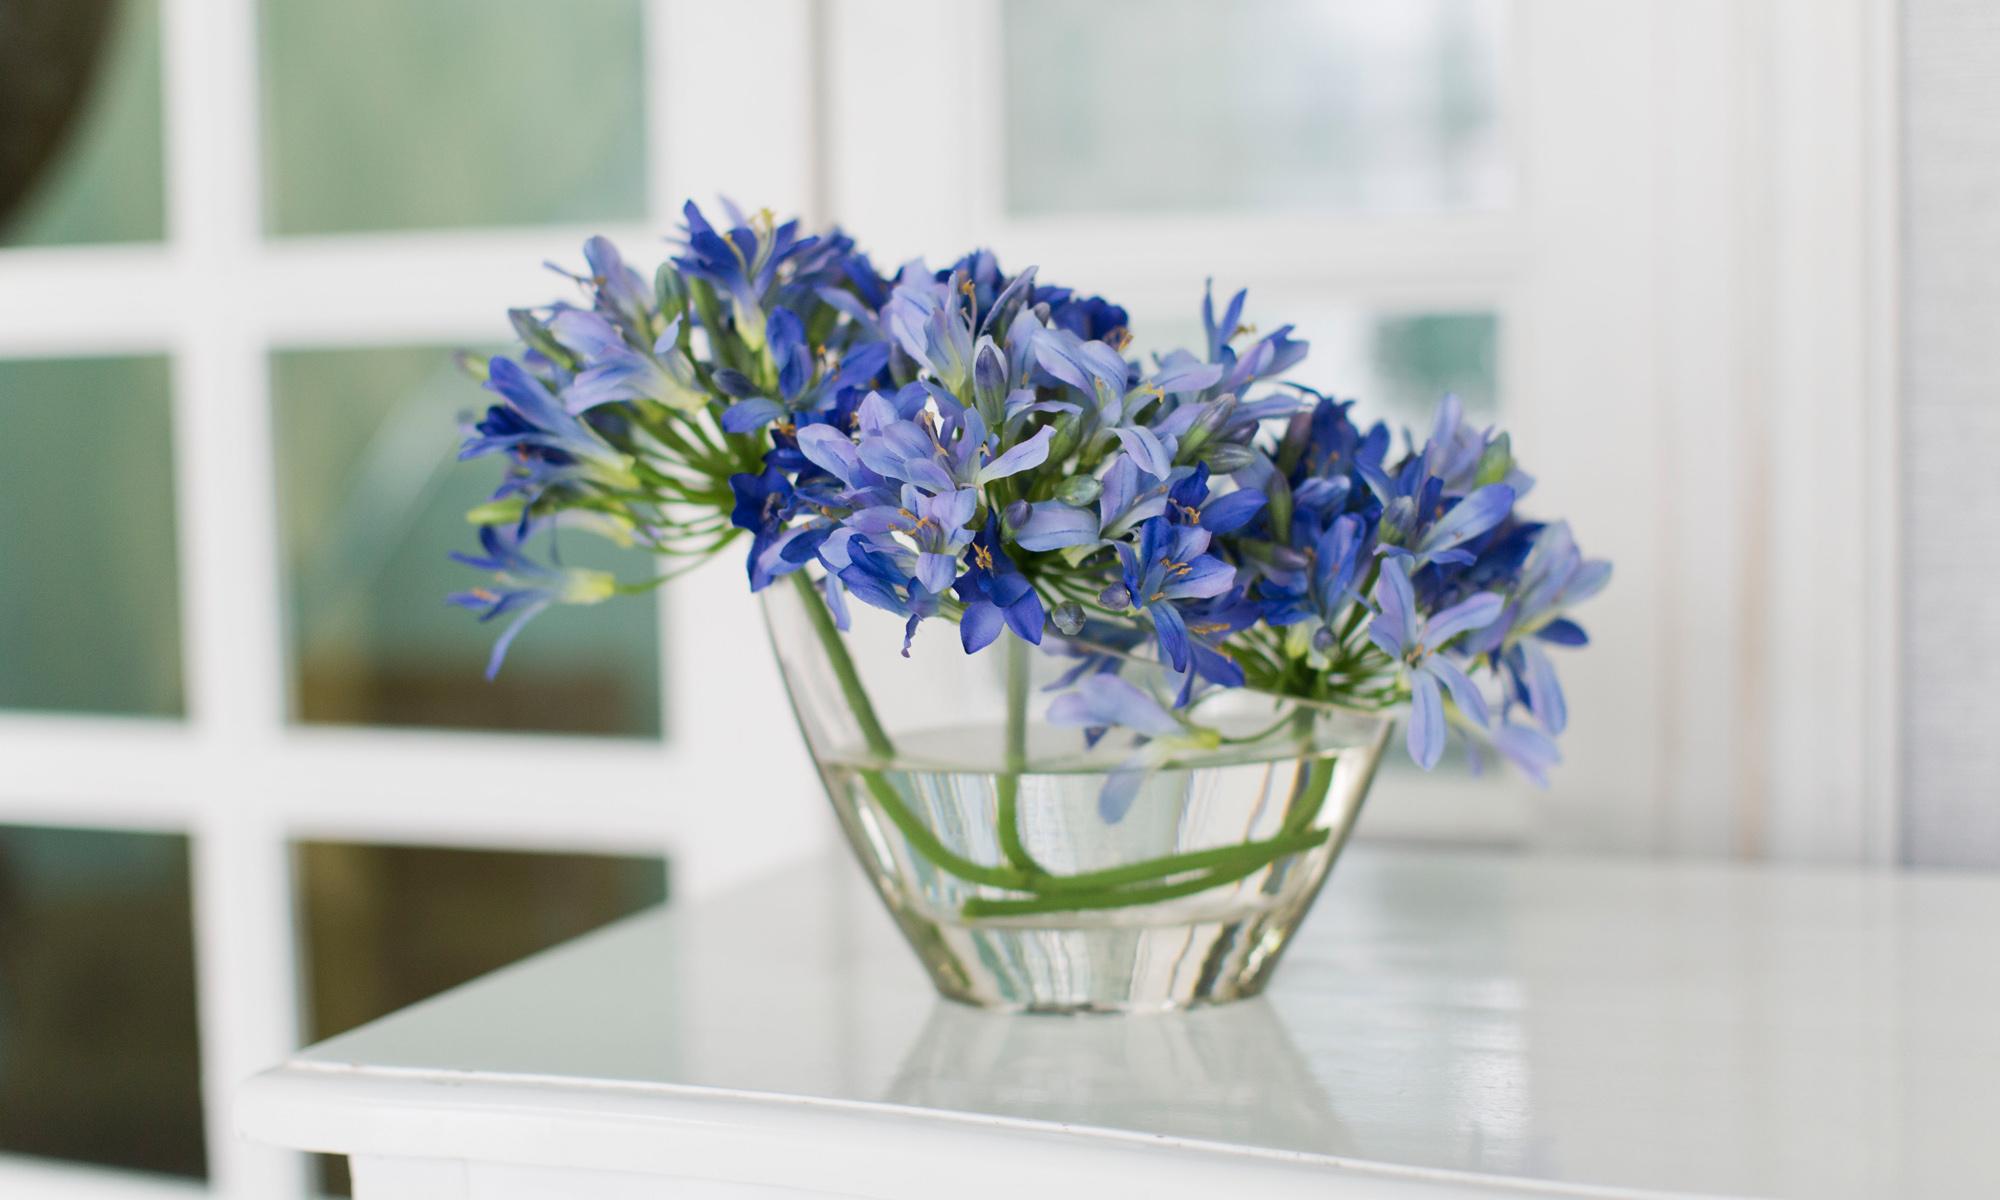 Купить Композиция из искусственных цветов - голубой агапантус, inmyroom, Россия